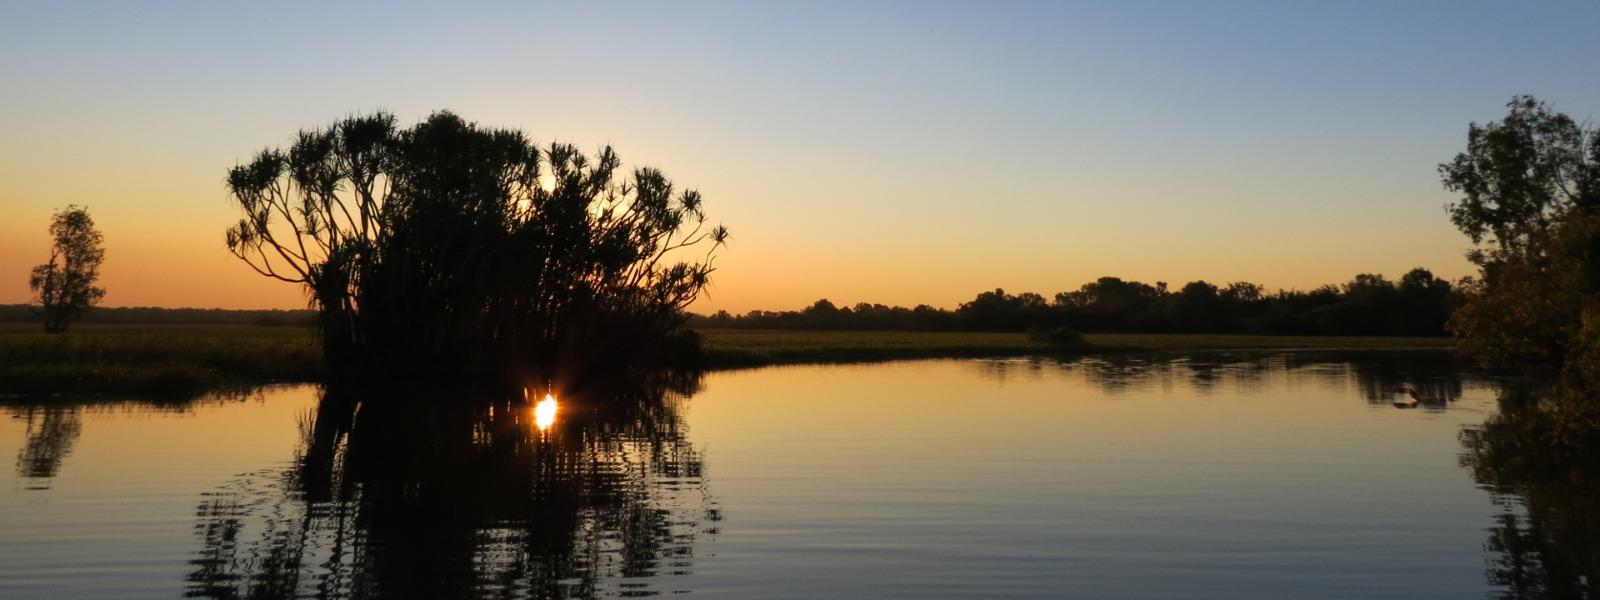 Sugar cane fields in northern Queensland